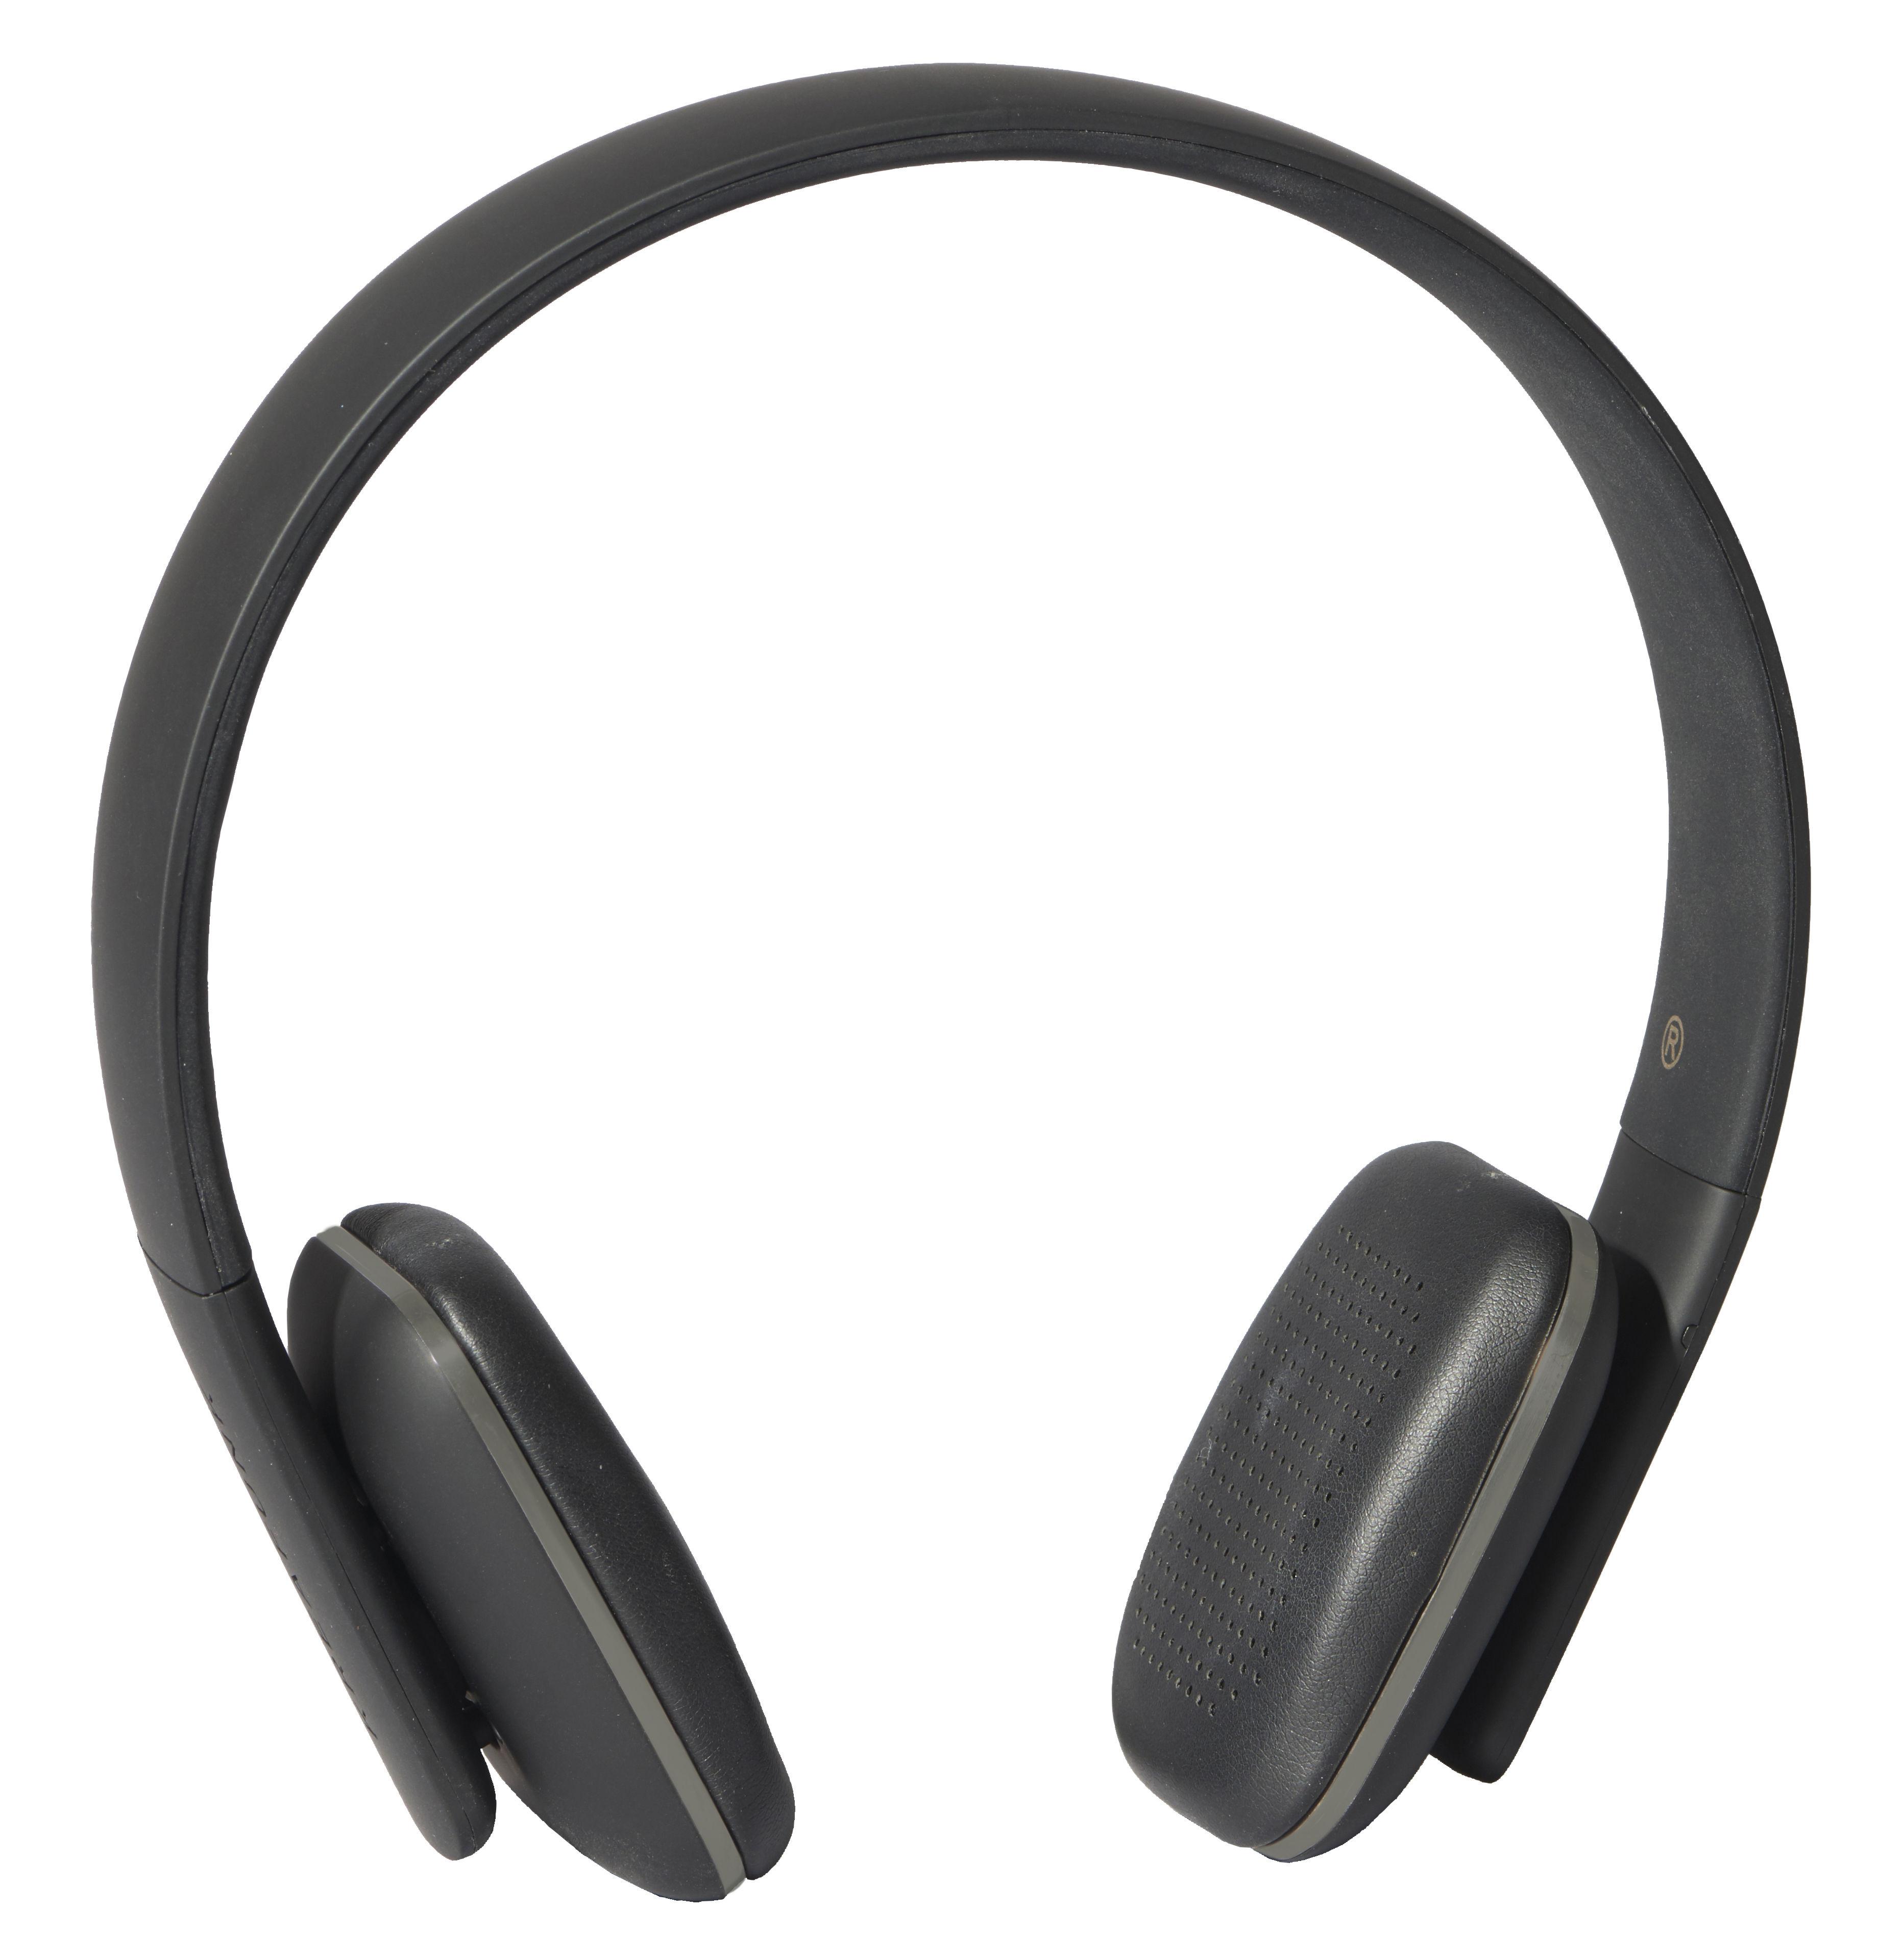 Accessoires - Enceintes audio & son - Casque Bluetooth A.HEAD / Bluetooth - Kreafunk - Noir / Métal - Cuir, Matière plastique